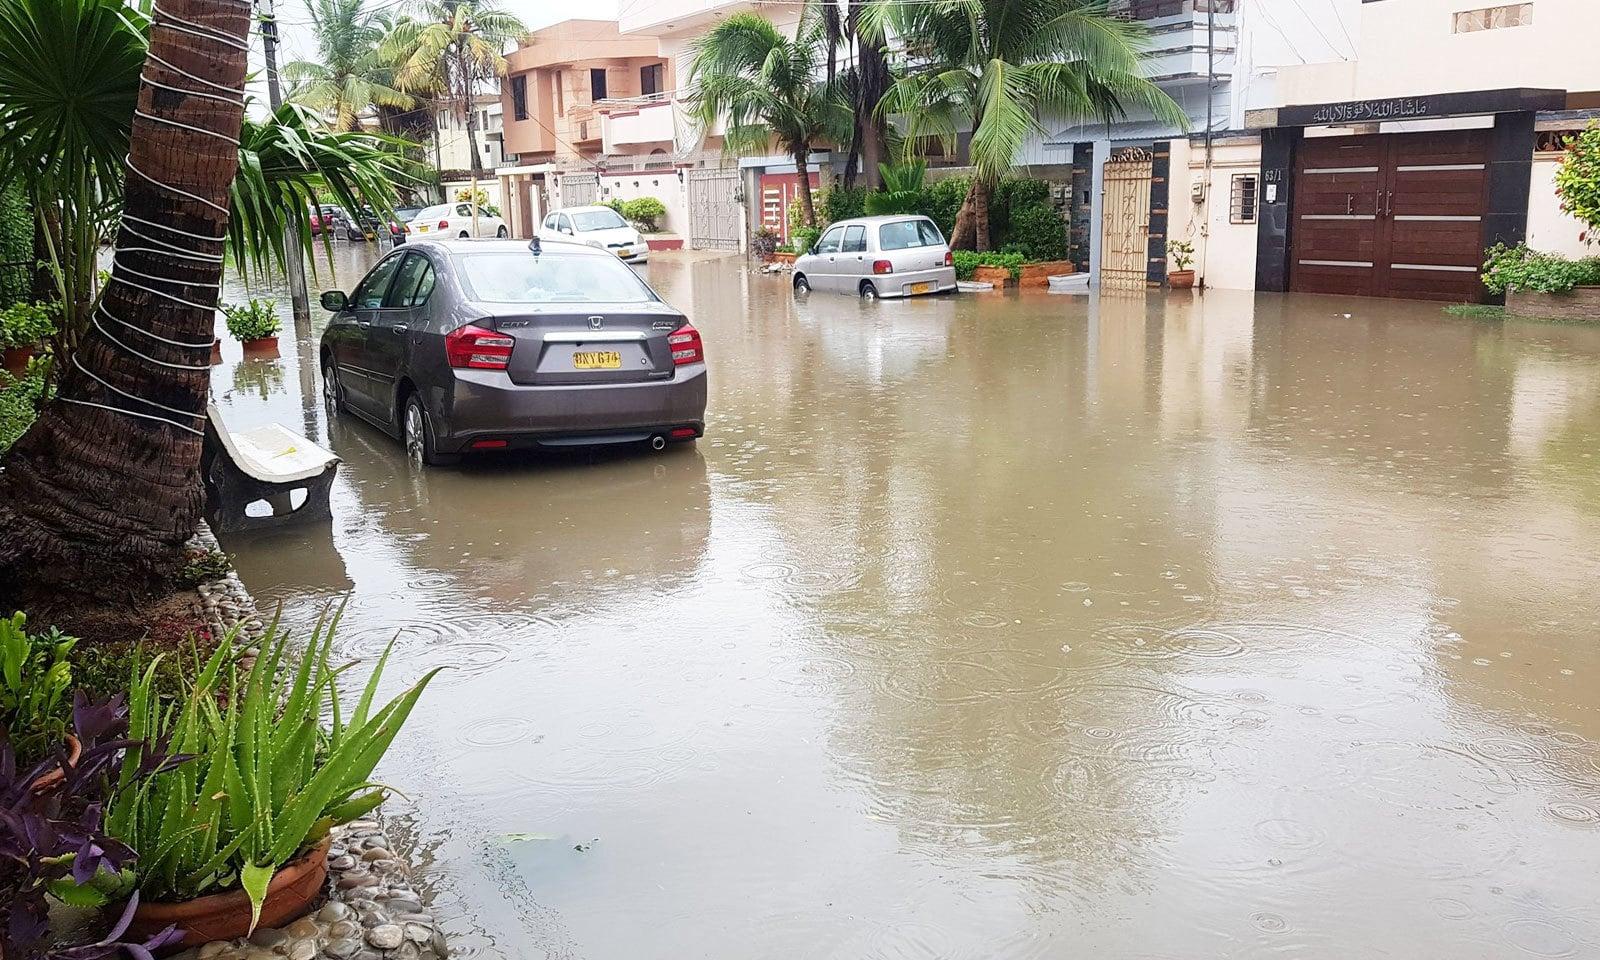 شدید بارشوں سے ڈیفینس جیسے پوش علاقے میں بھی پانی کے تالاب کھڑے ہوگئے—فوٹو: بابر منظور میمن/ ٹوئٹر